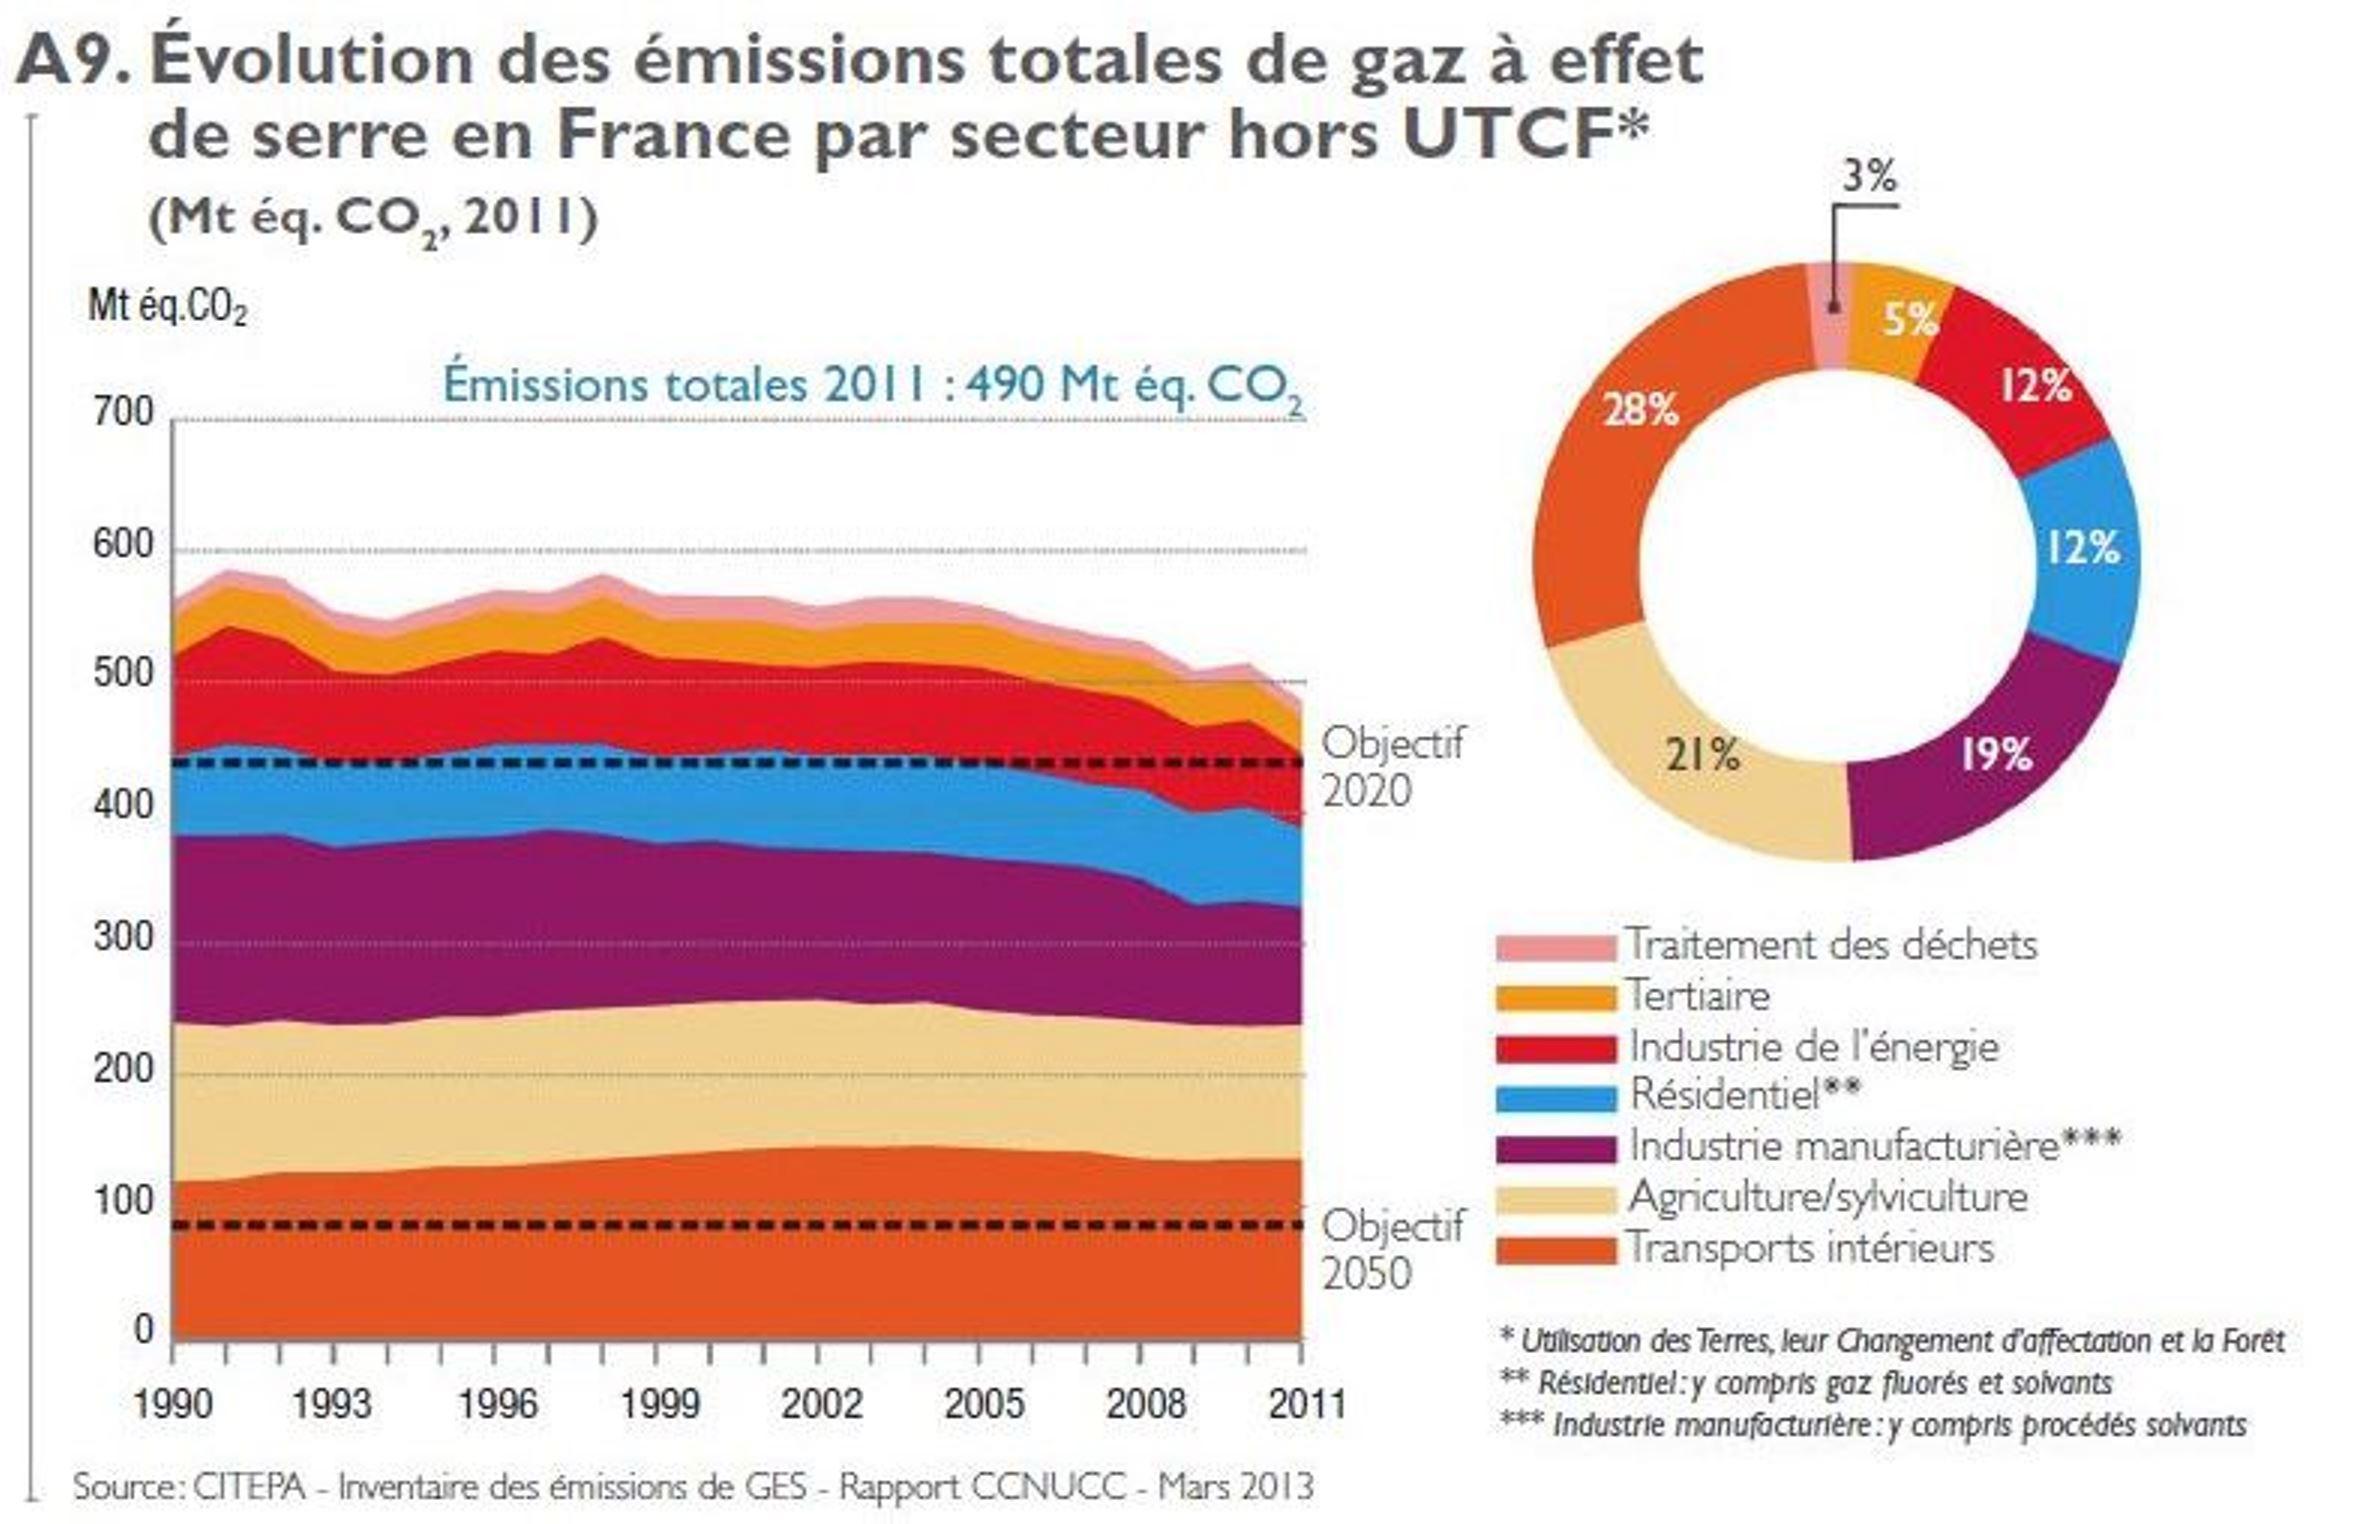 Emissions de GES par secteur en France